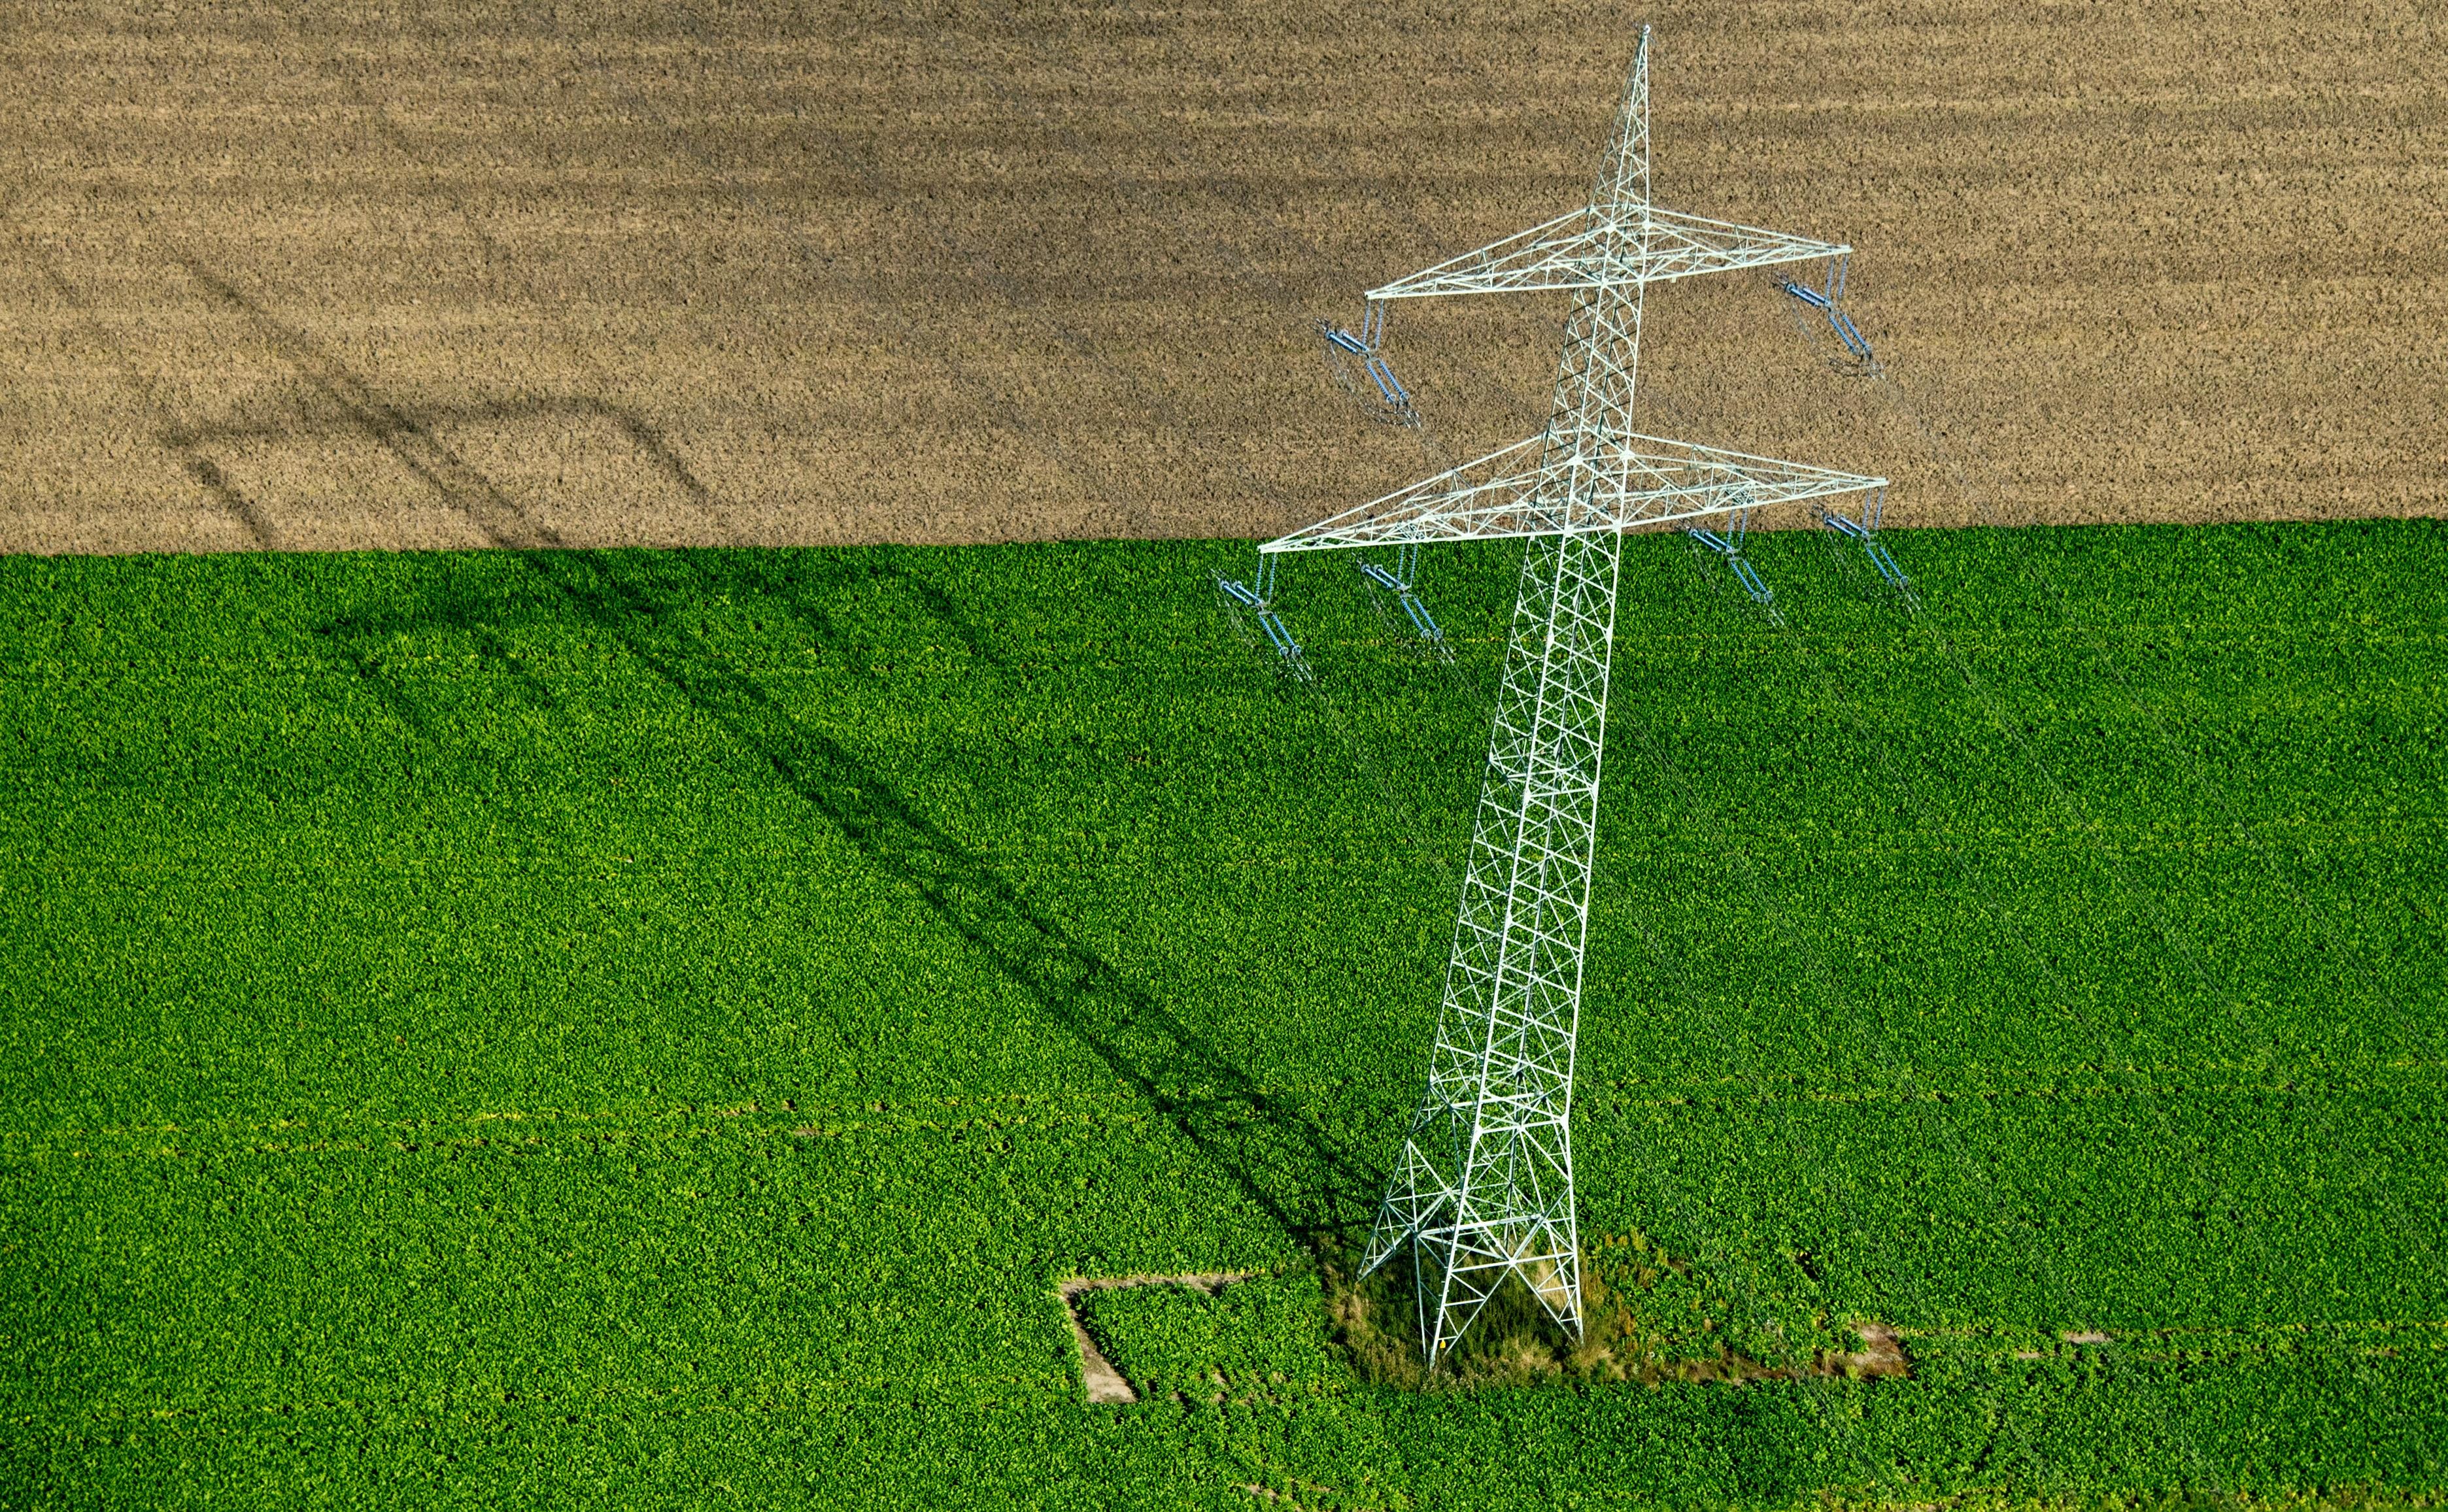 Strommast auf dem Acker: Die Landvolkverbände fordern höhere Entschädigungen für betroffene Landwirte. Foto: dpa